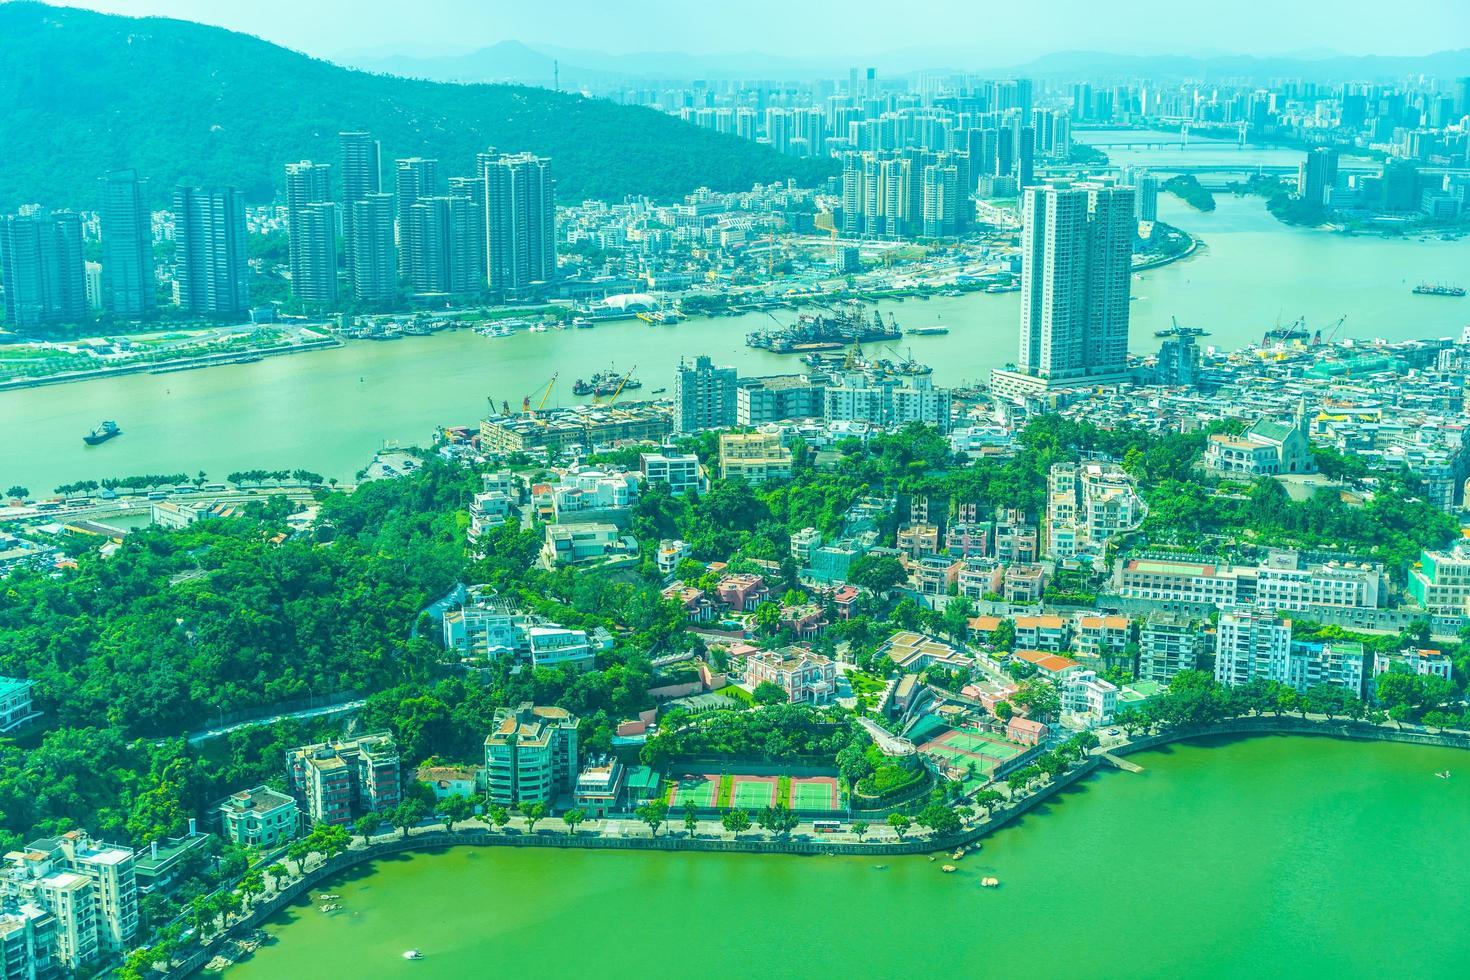 Vue aérienne de la ville de Macao, Chine photo